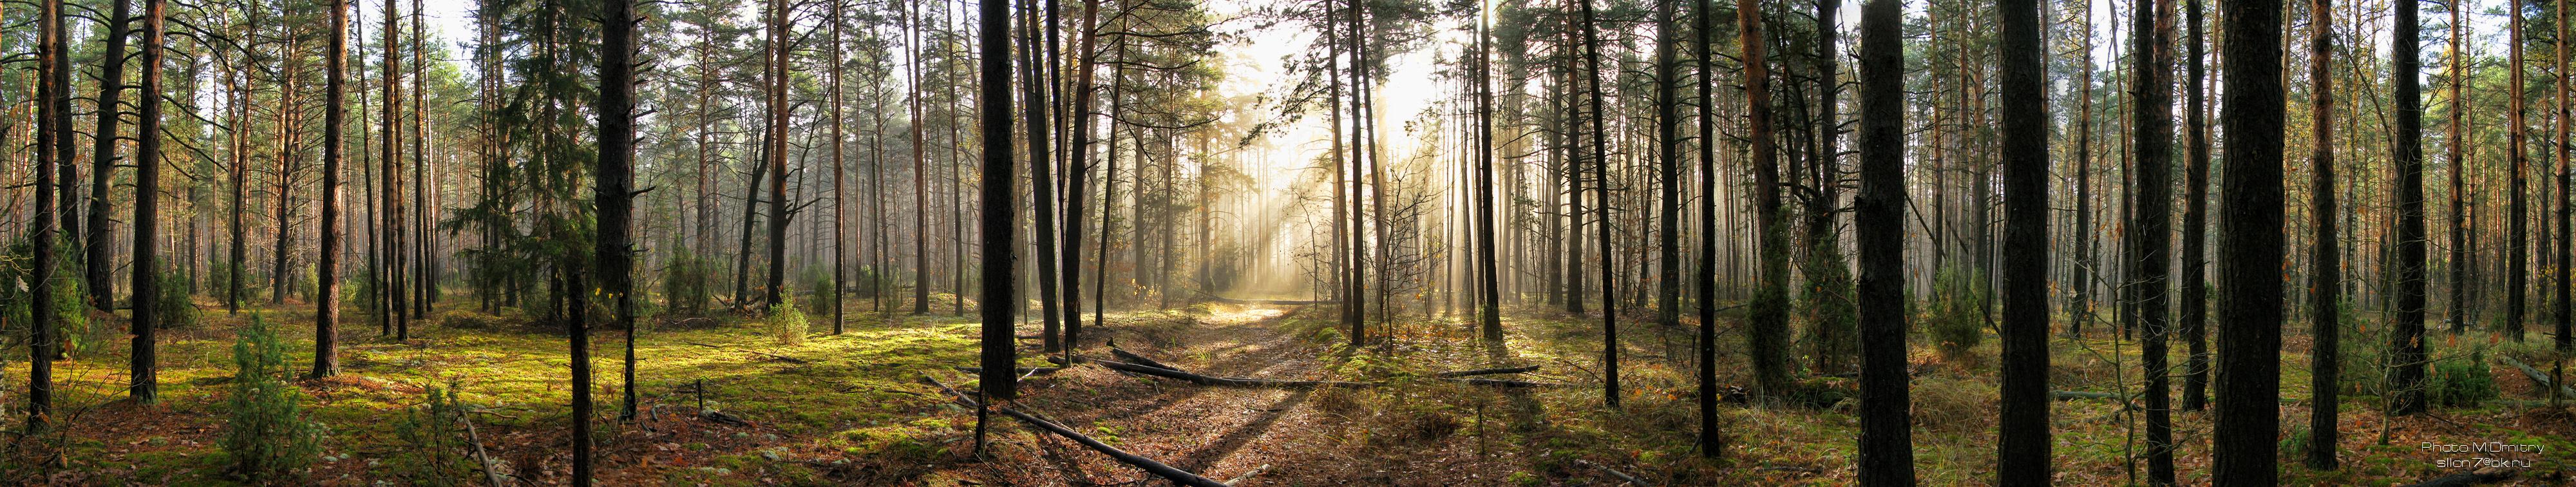 Картинки по запросу панорама леса